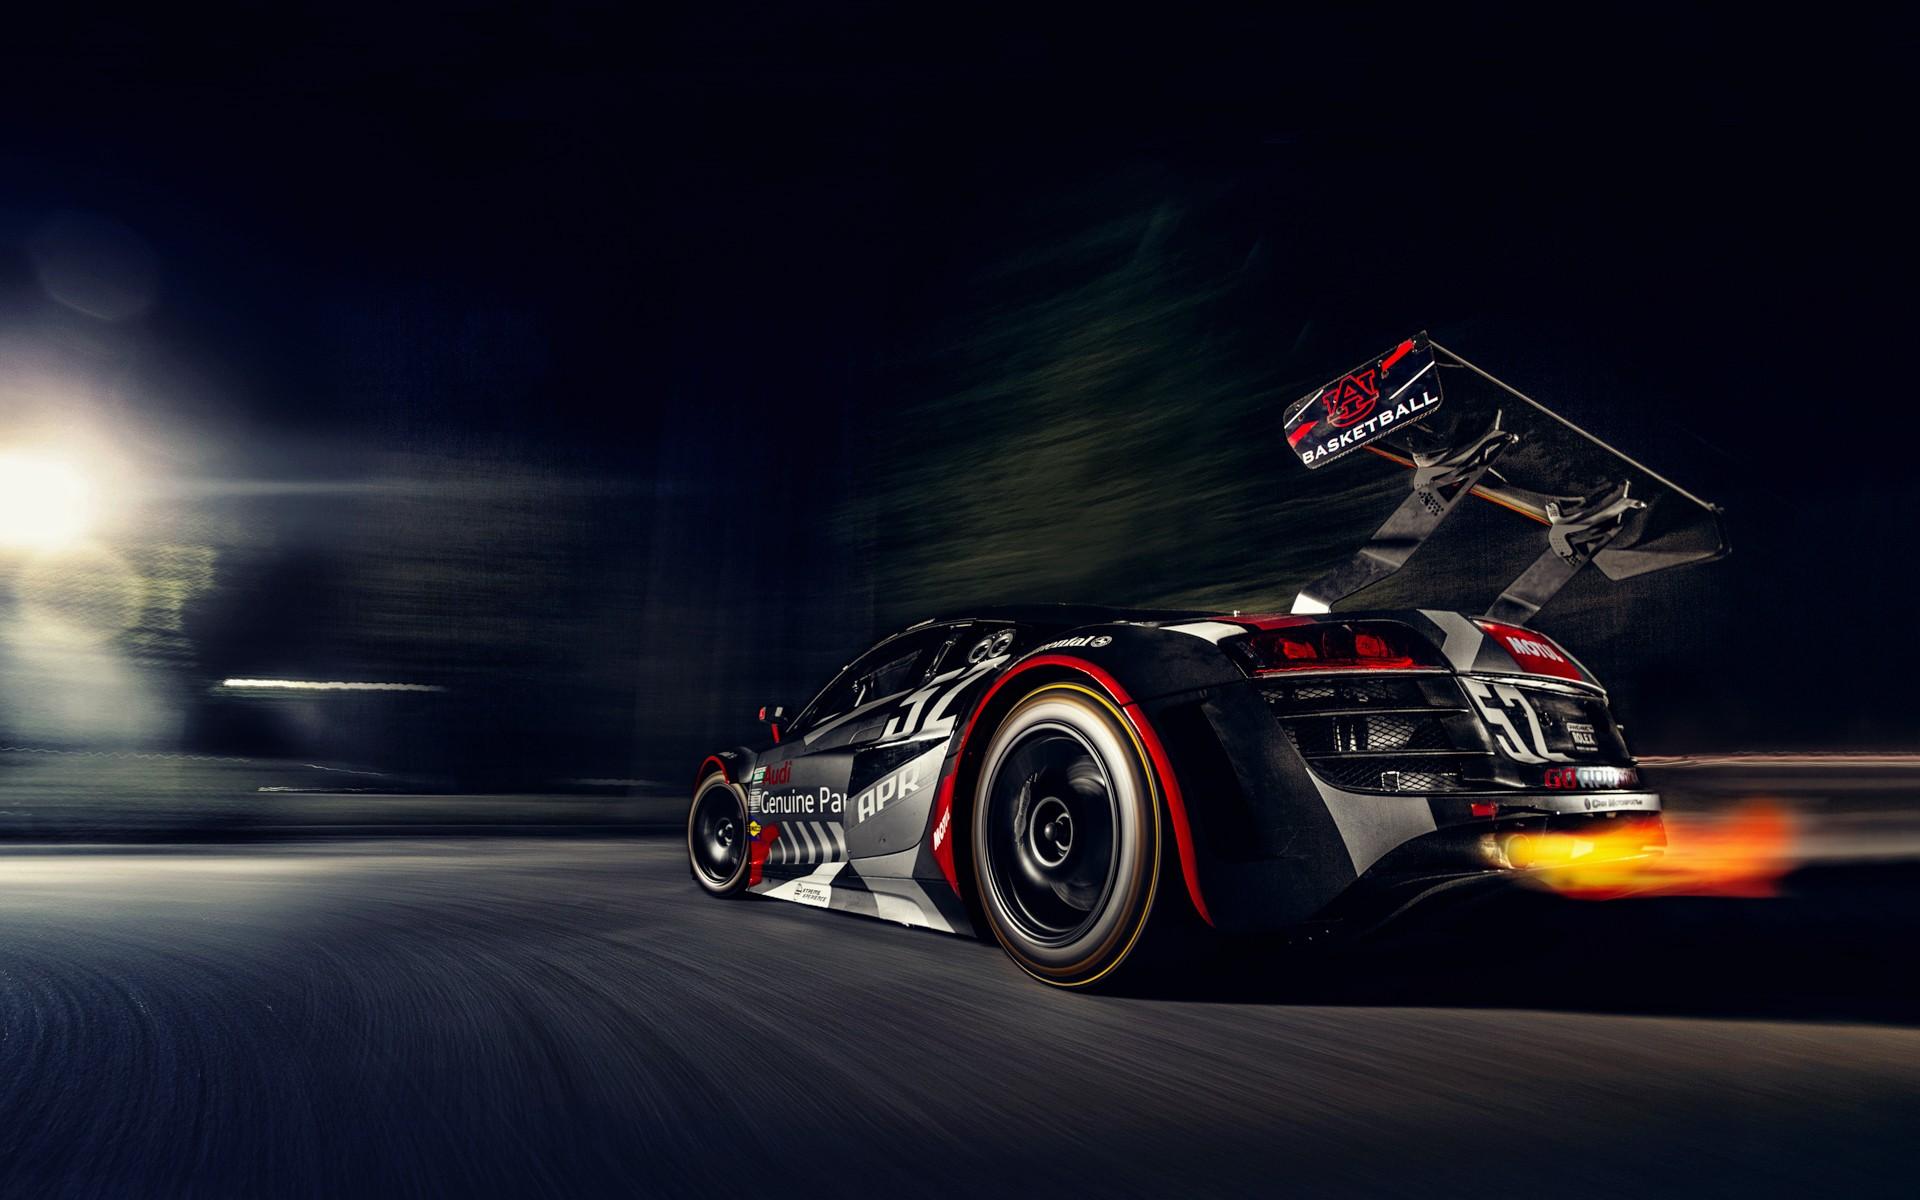 Thunderhill Race Car Wallpaper: Racing Wallpaper